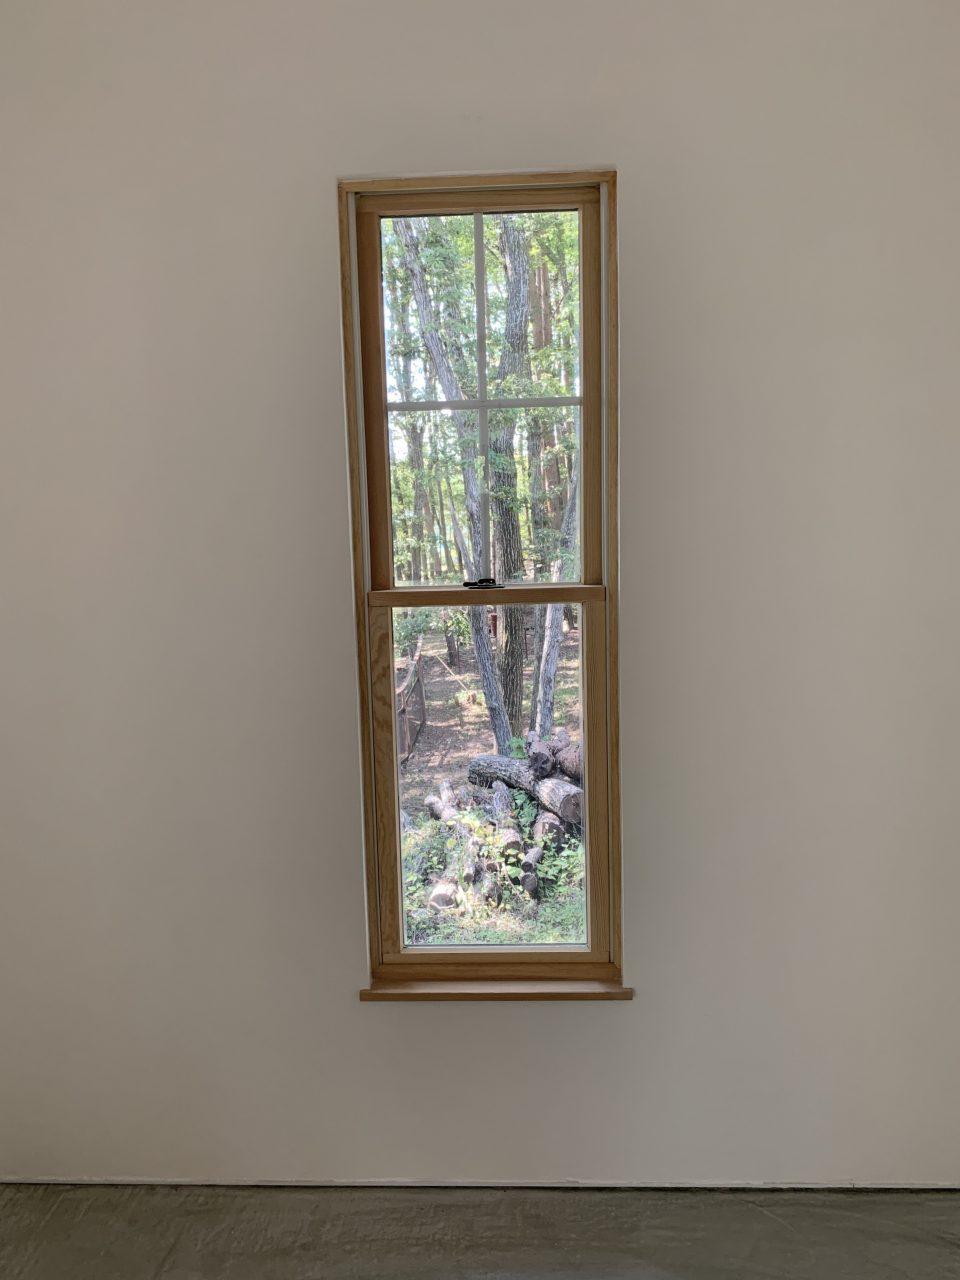 視界の先には西の森が広がり、ドッグランを観ることができる。 ここに居心地のいいソファーとスタンドライトを置くといい場所になるハズ。